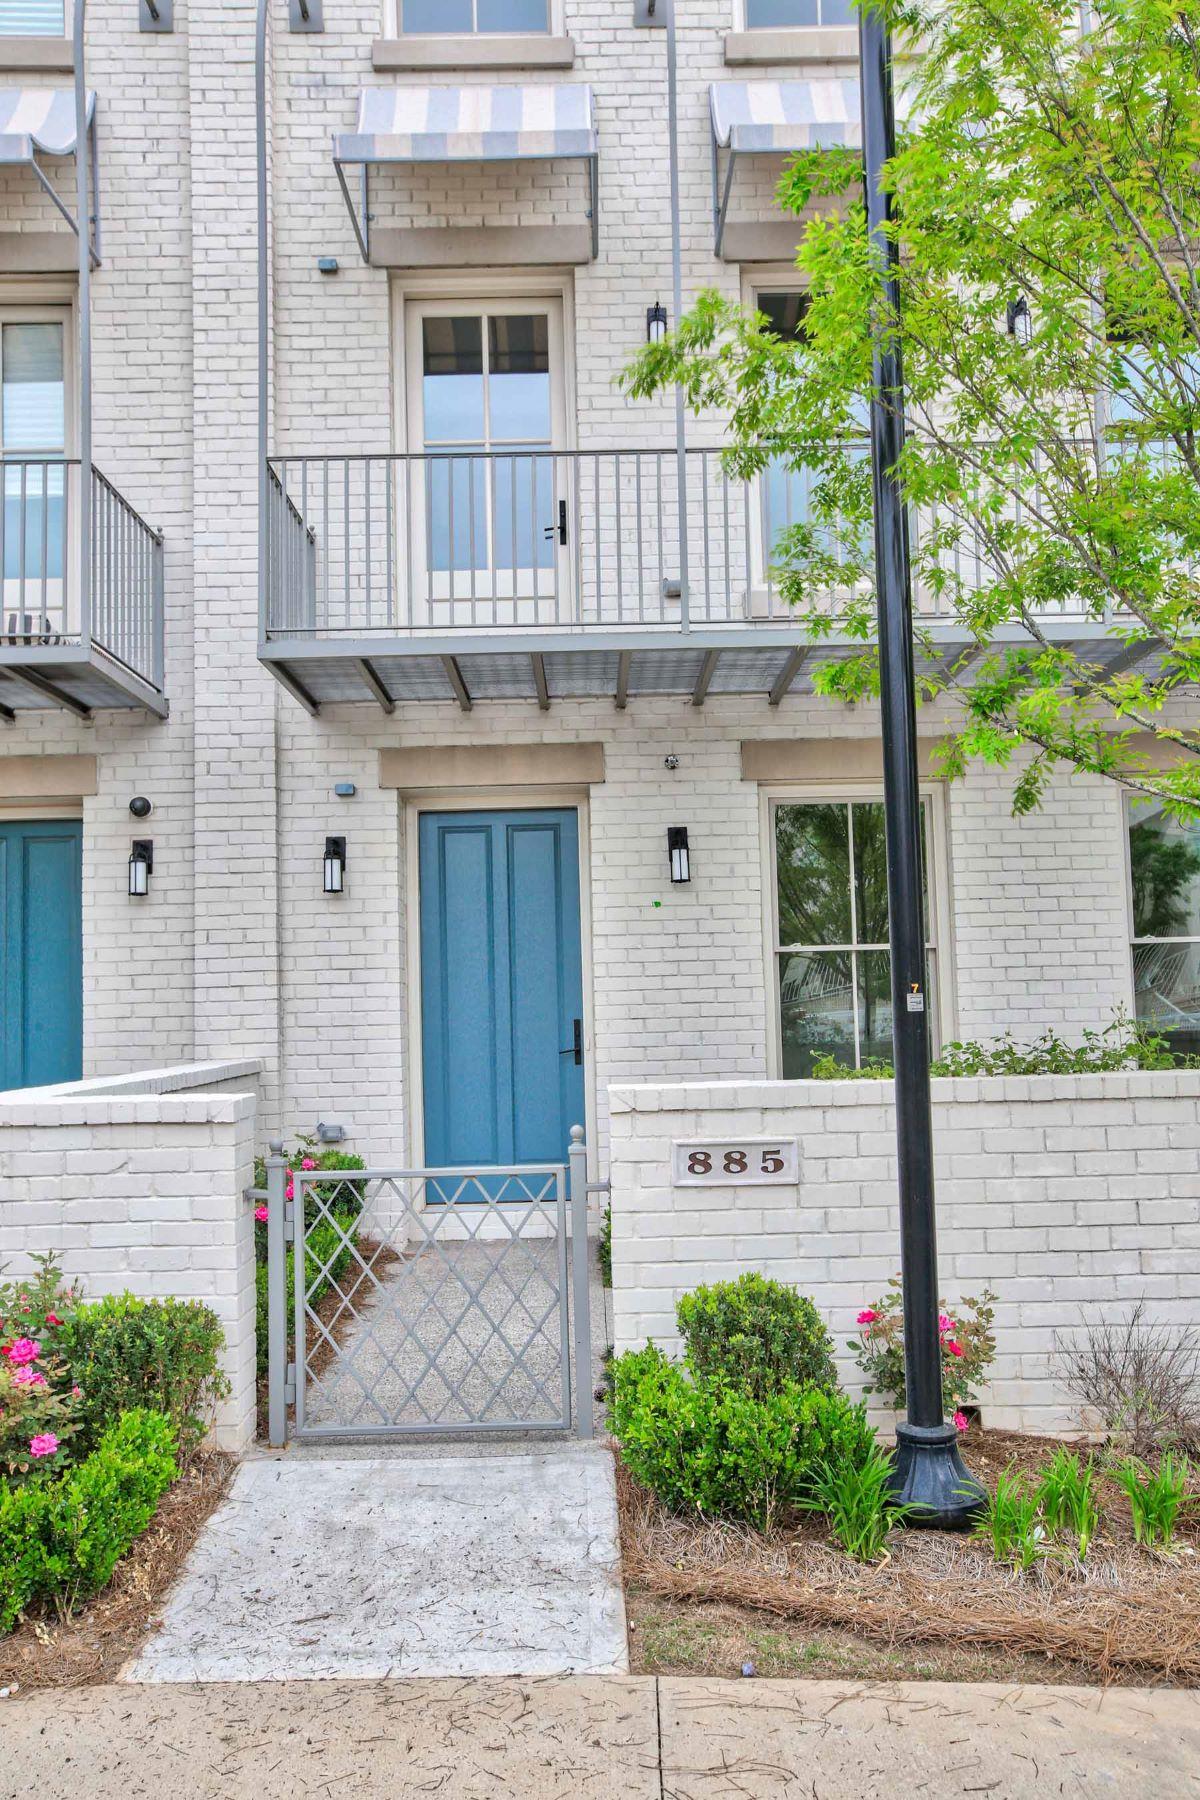 Maison unifamiliale pour l à louer à Avalon Lease Row Home 885 3rd Street Alpharetta, Georgia 30009 États-Unis